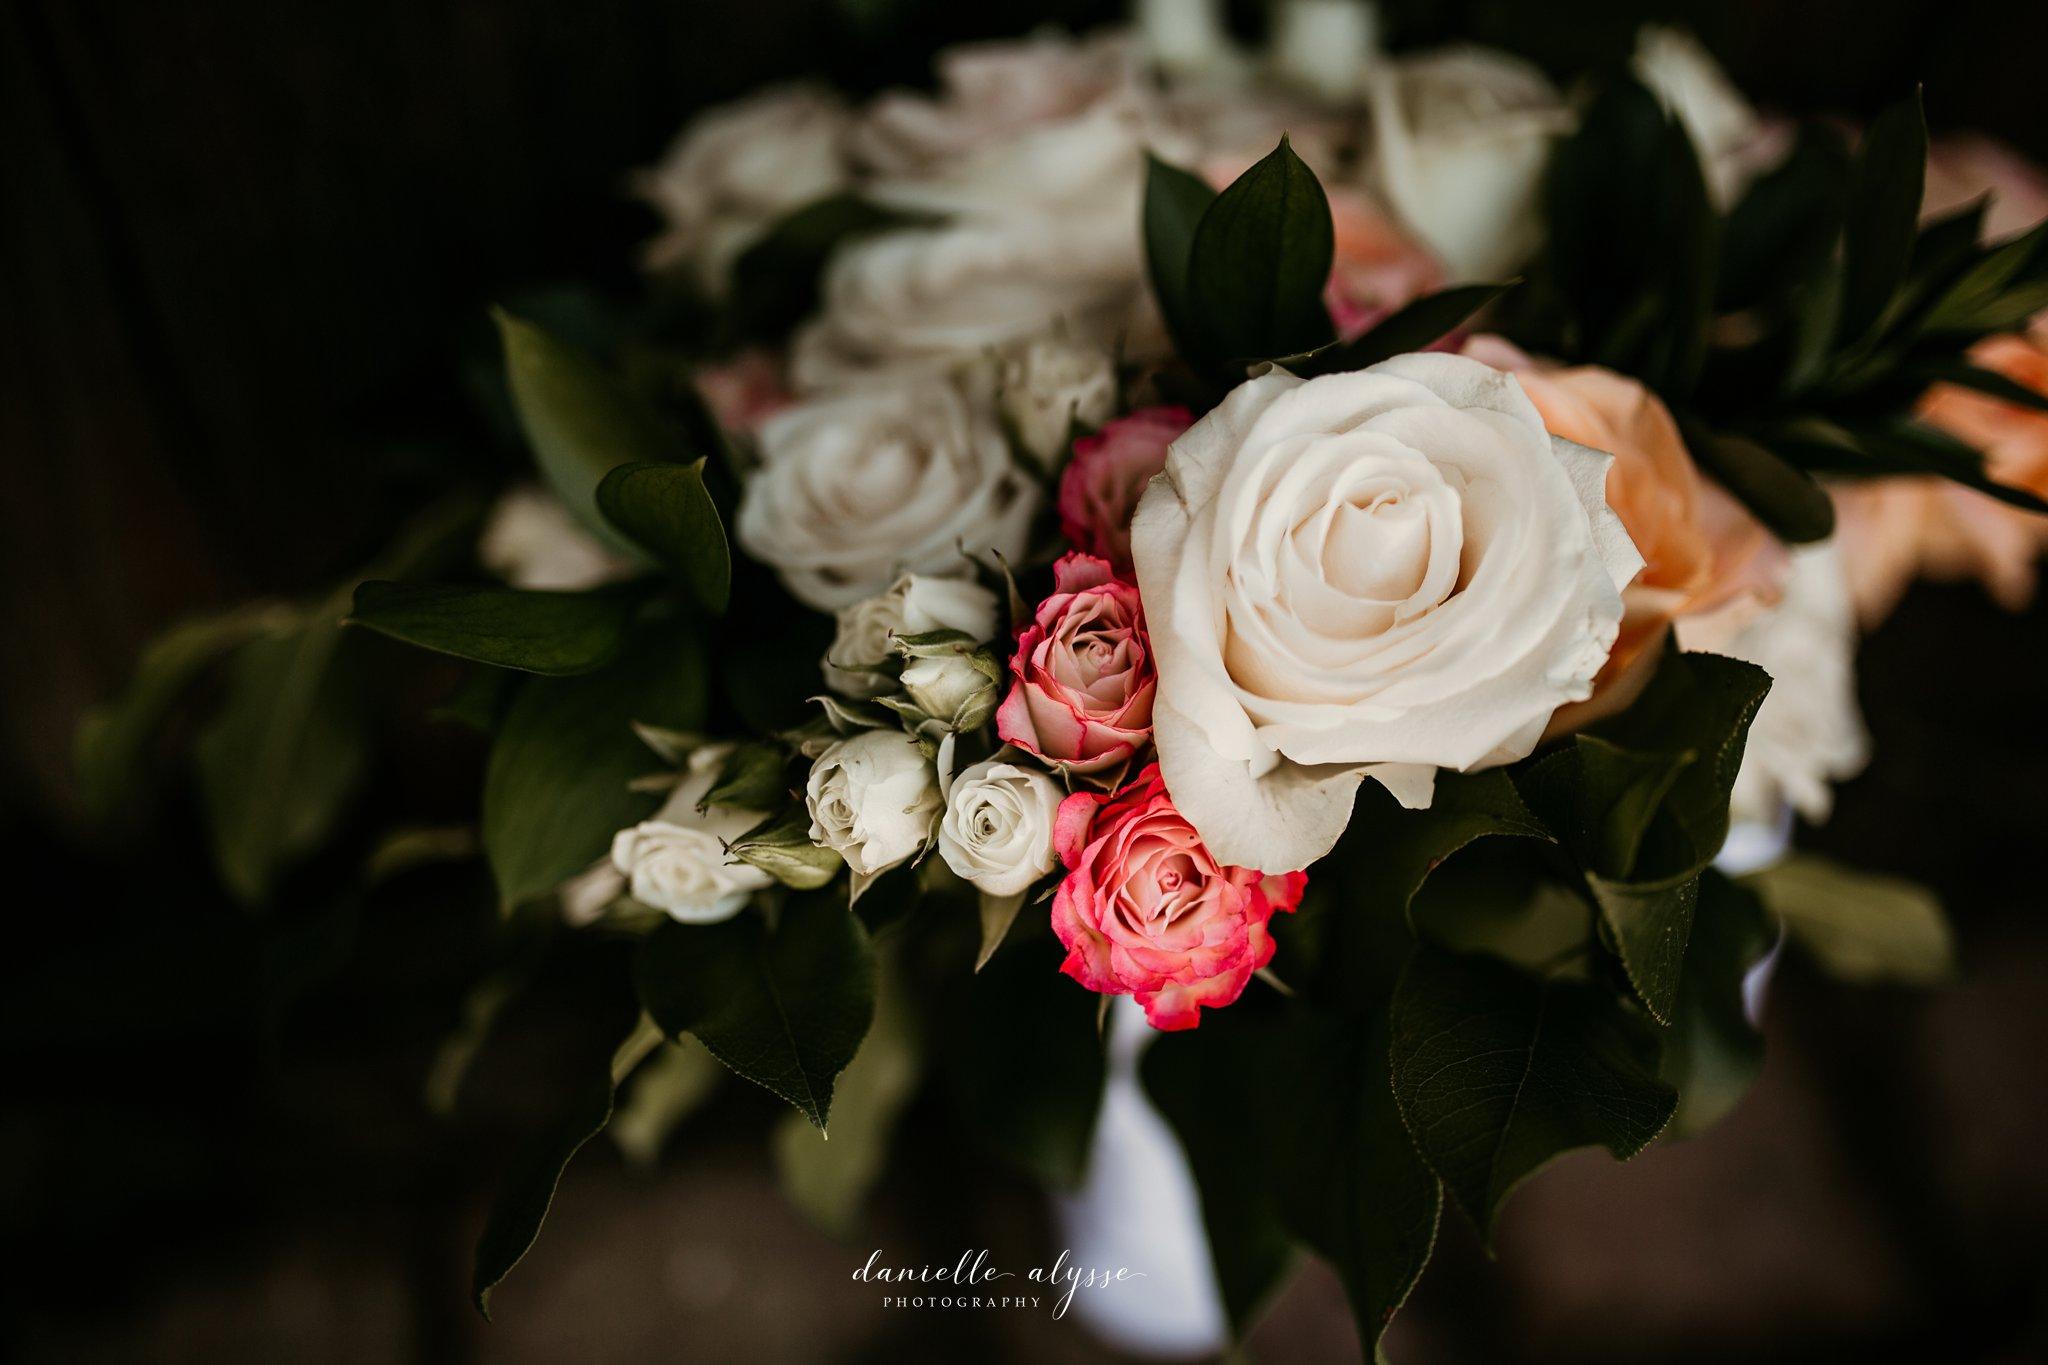 180630_wedding_lily_ryan_mission_soledad_california_danielle_alysse_photography_blog_16_WEB.jpg